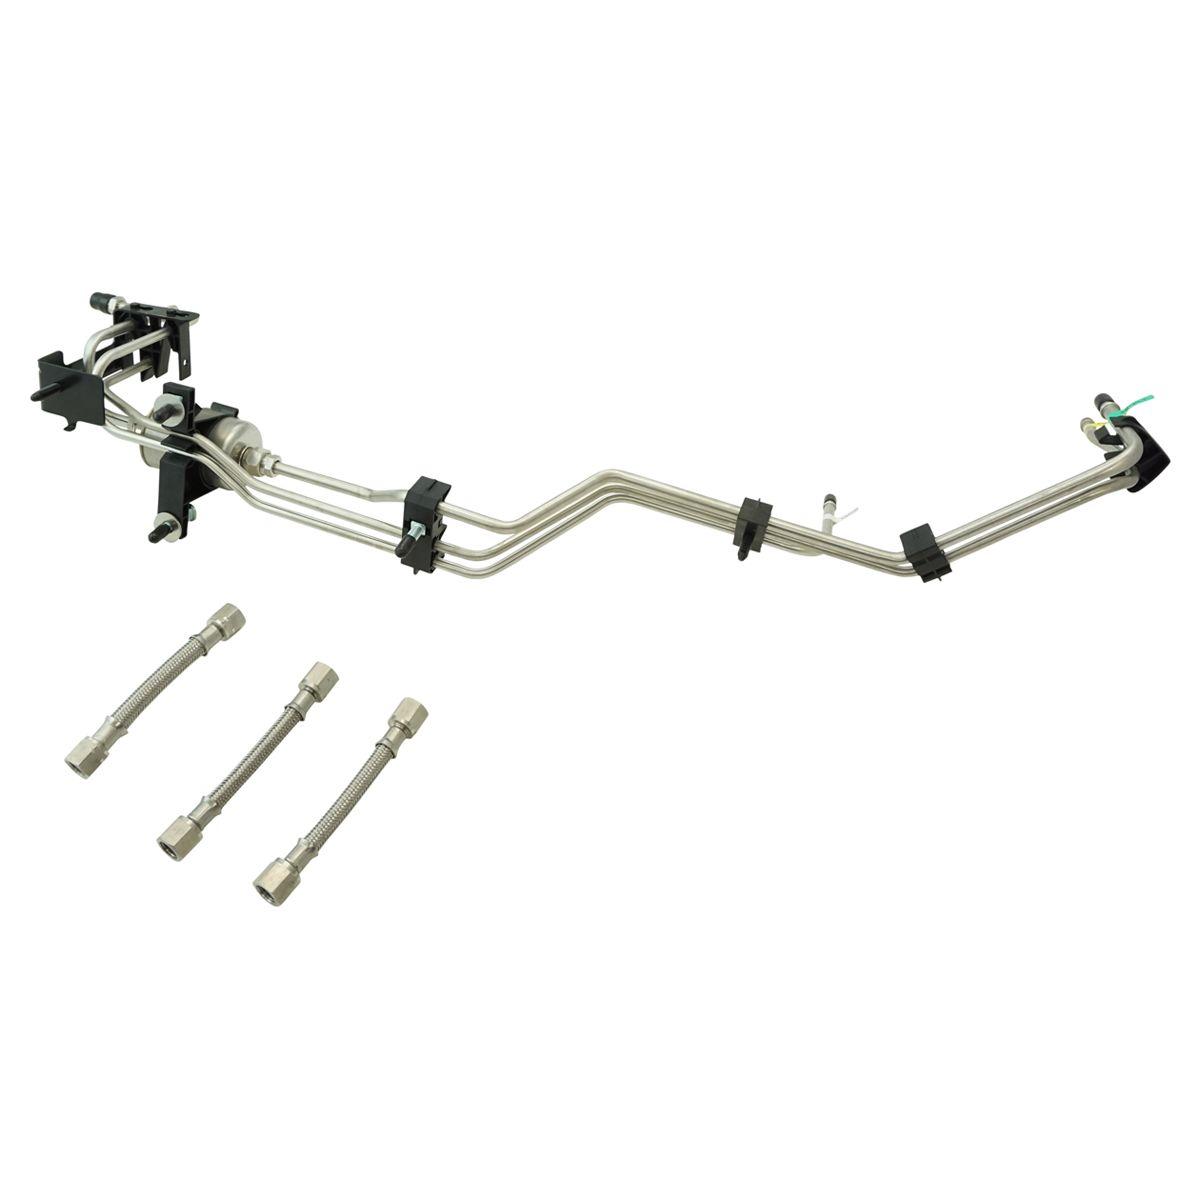 Dorman 919-814 Stainless Steel Fuel Like Repair Kit Set